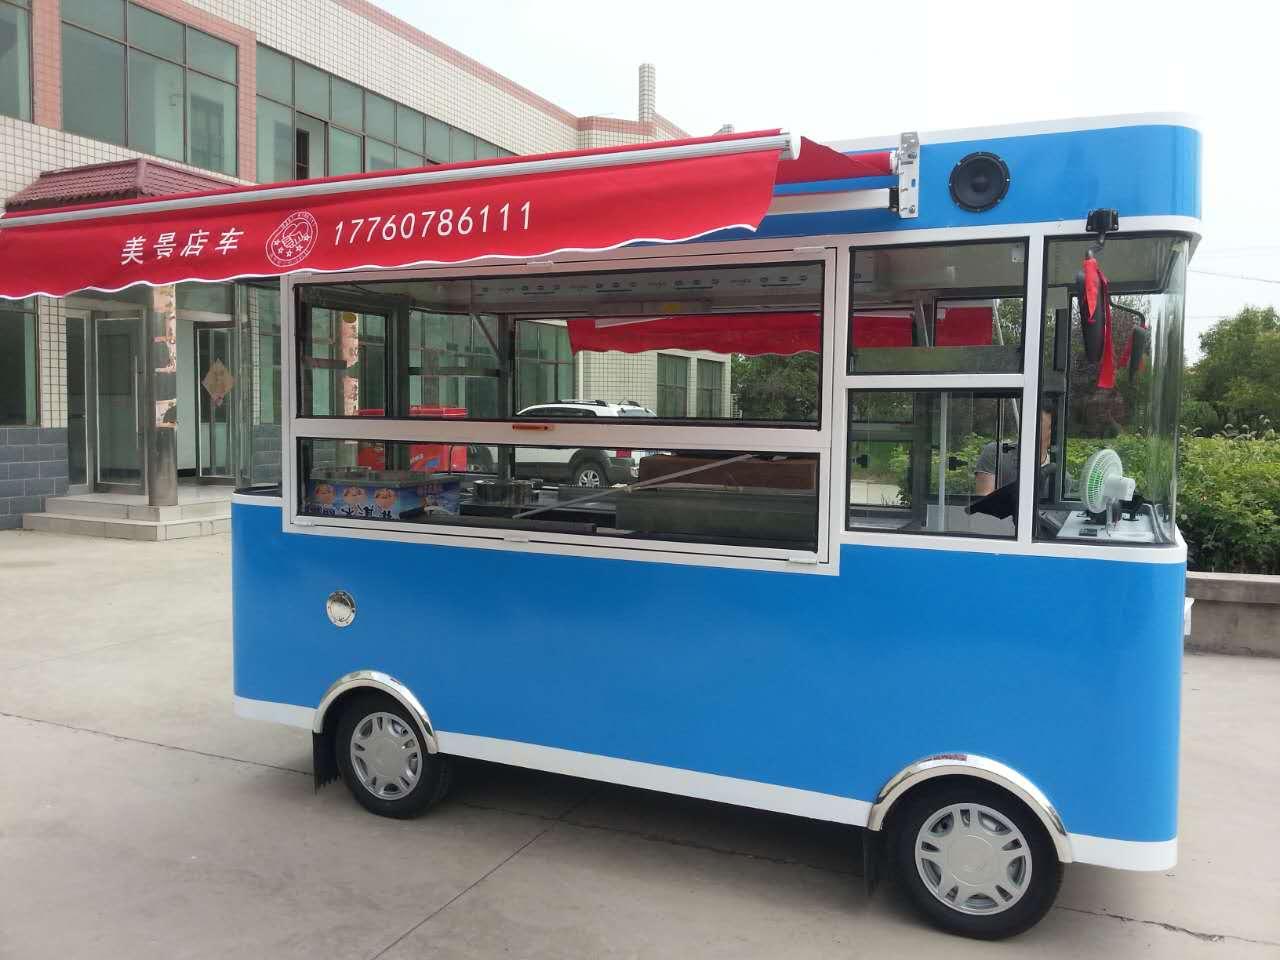 奶茶木屋车加盟  灌汤包车加盟  奶茶车加盟代理